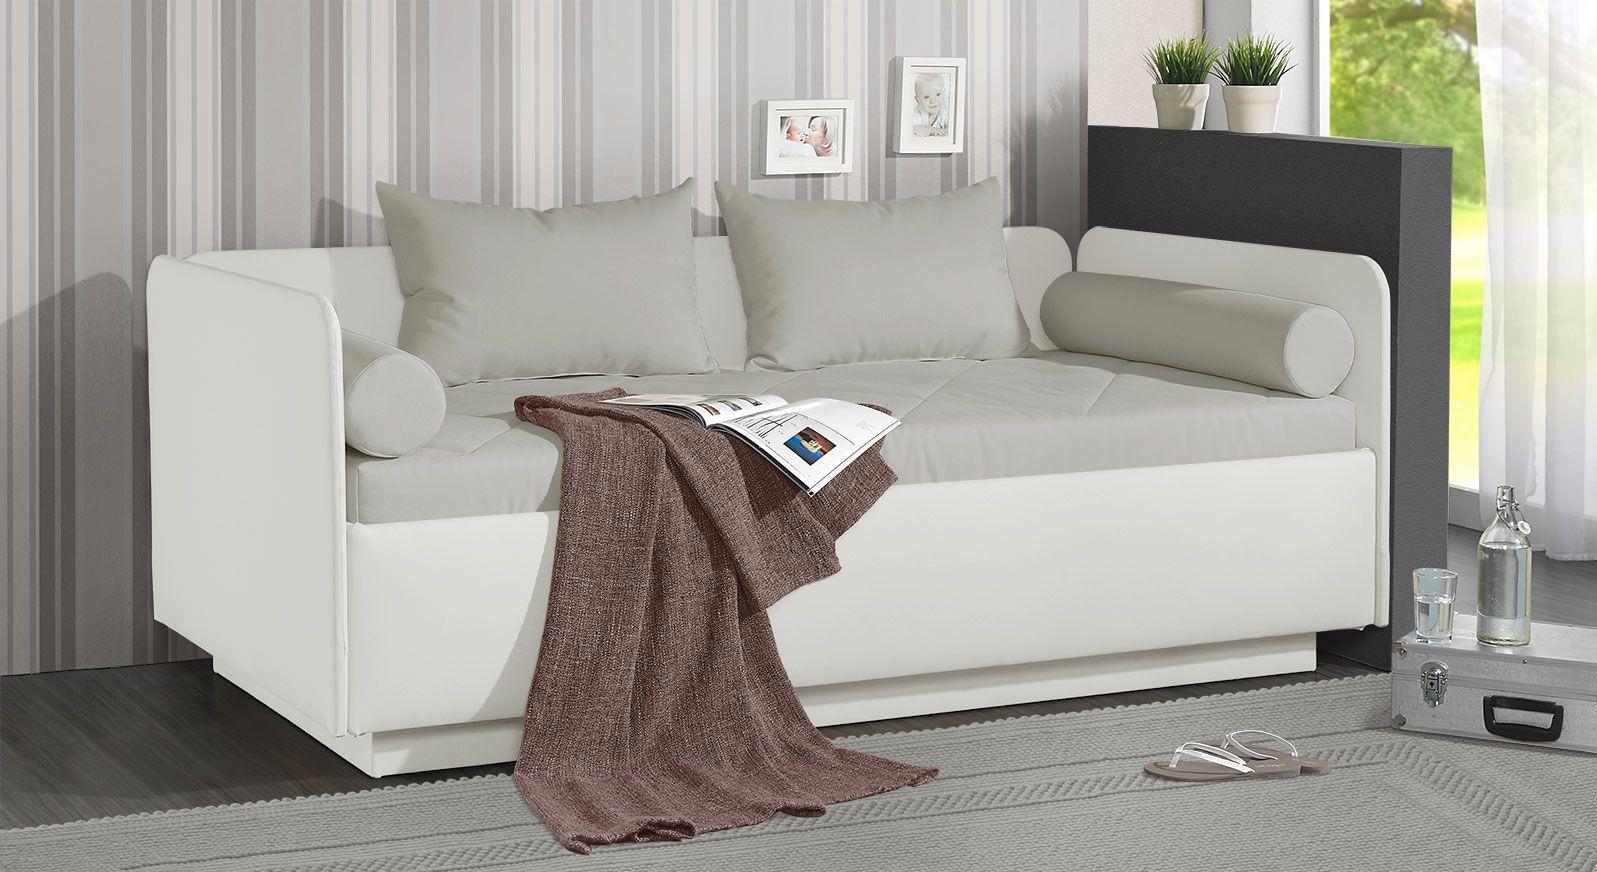 Schlafsofa Eriko aus weißem Kunstleder und hellgrauem Microvelours